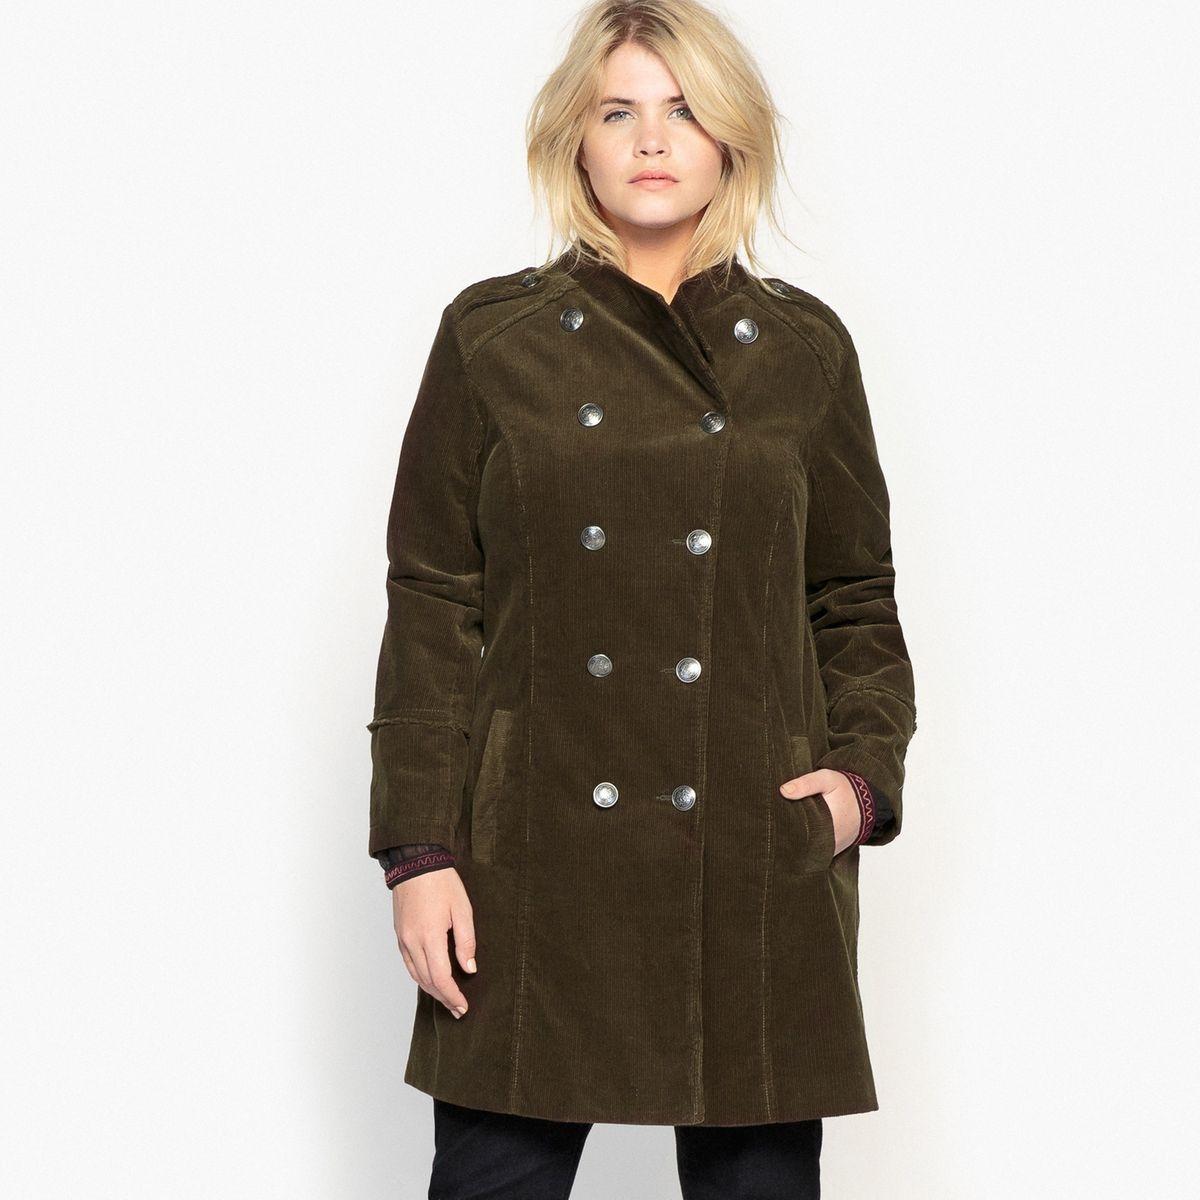 Manteau officier en velours